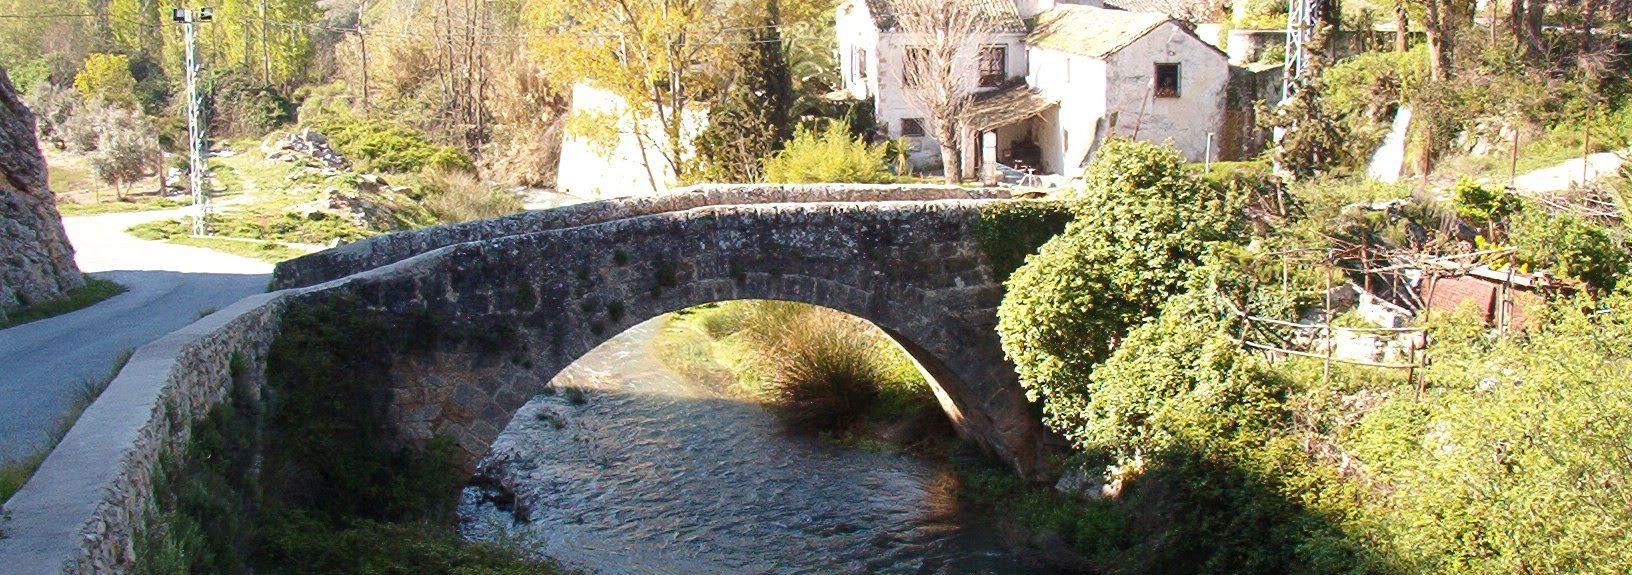 Frailes, Andalucía, España